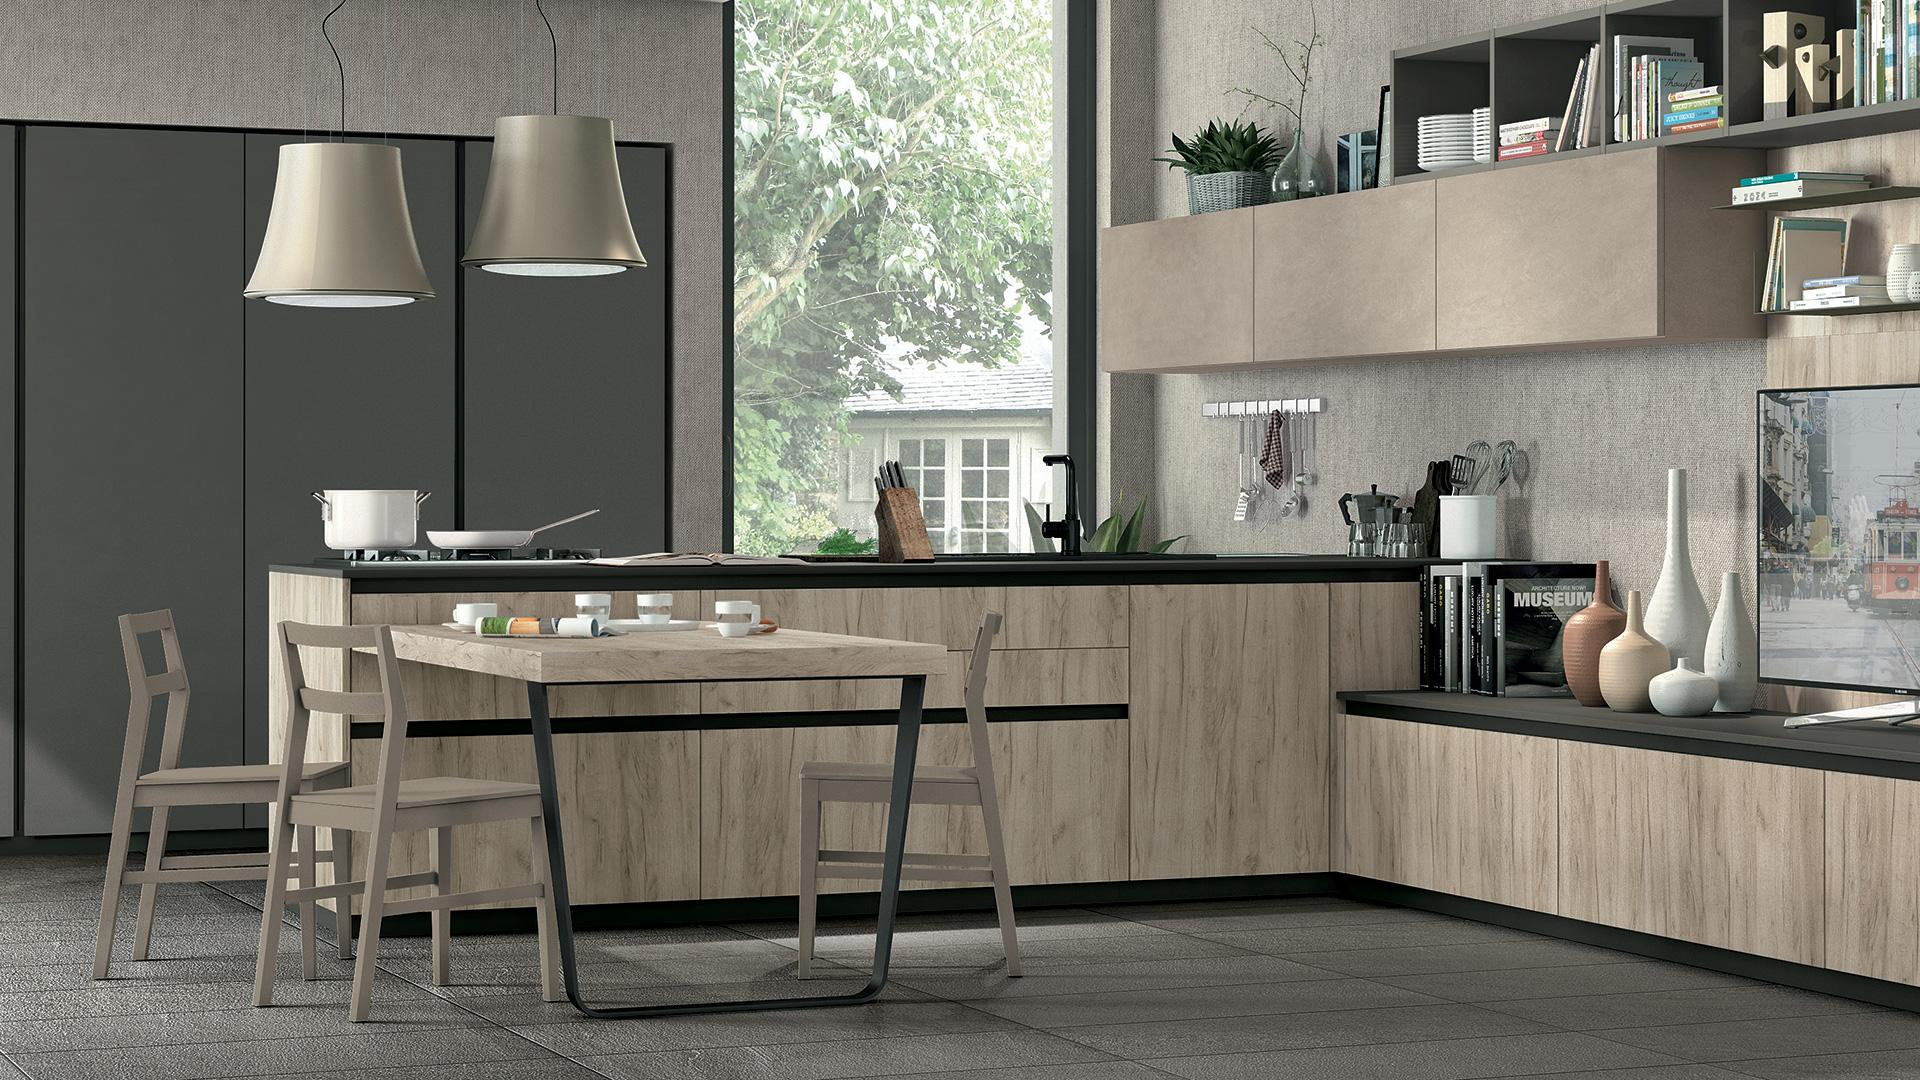 Le nuove cucine moderne lube store milano le cucine lube creo a milano - Nuove cucine ikea ...